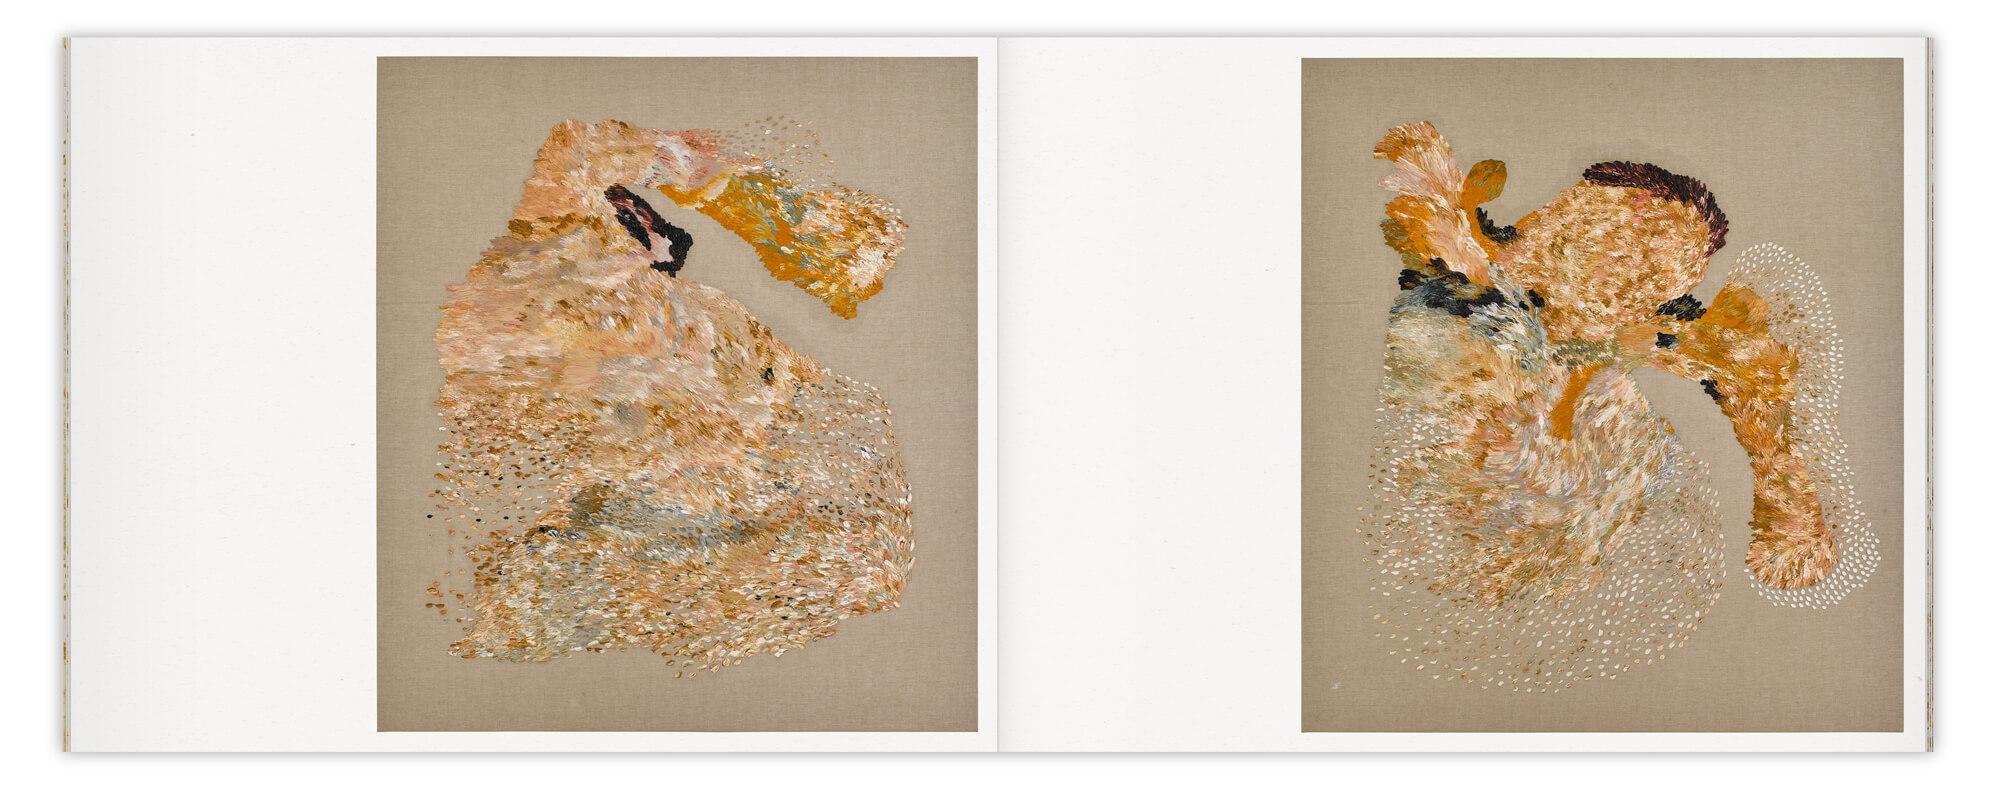 Double page de deux toiles peintes par Daniela Busarello